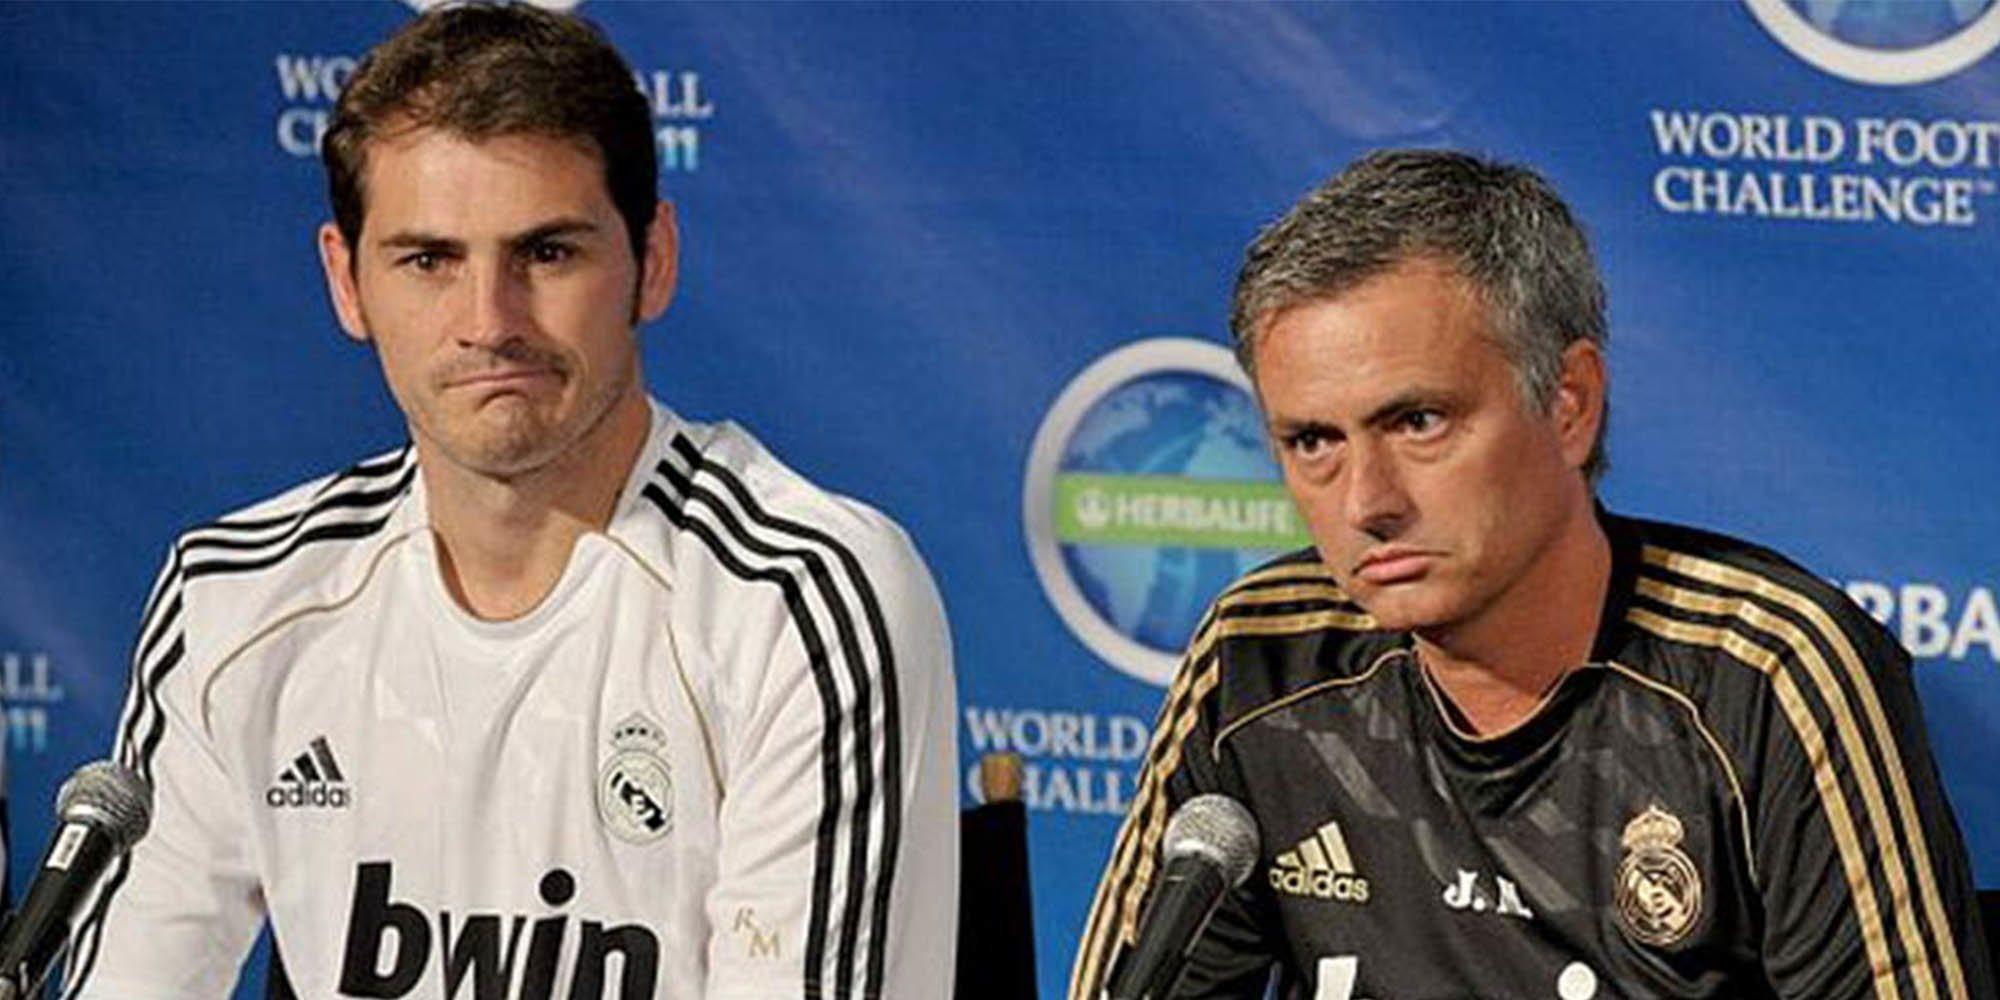 Enemigos Íntimos: Iker Casillas y José Mourinho, enfrentados por una inocente llamada